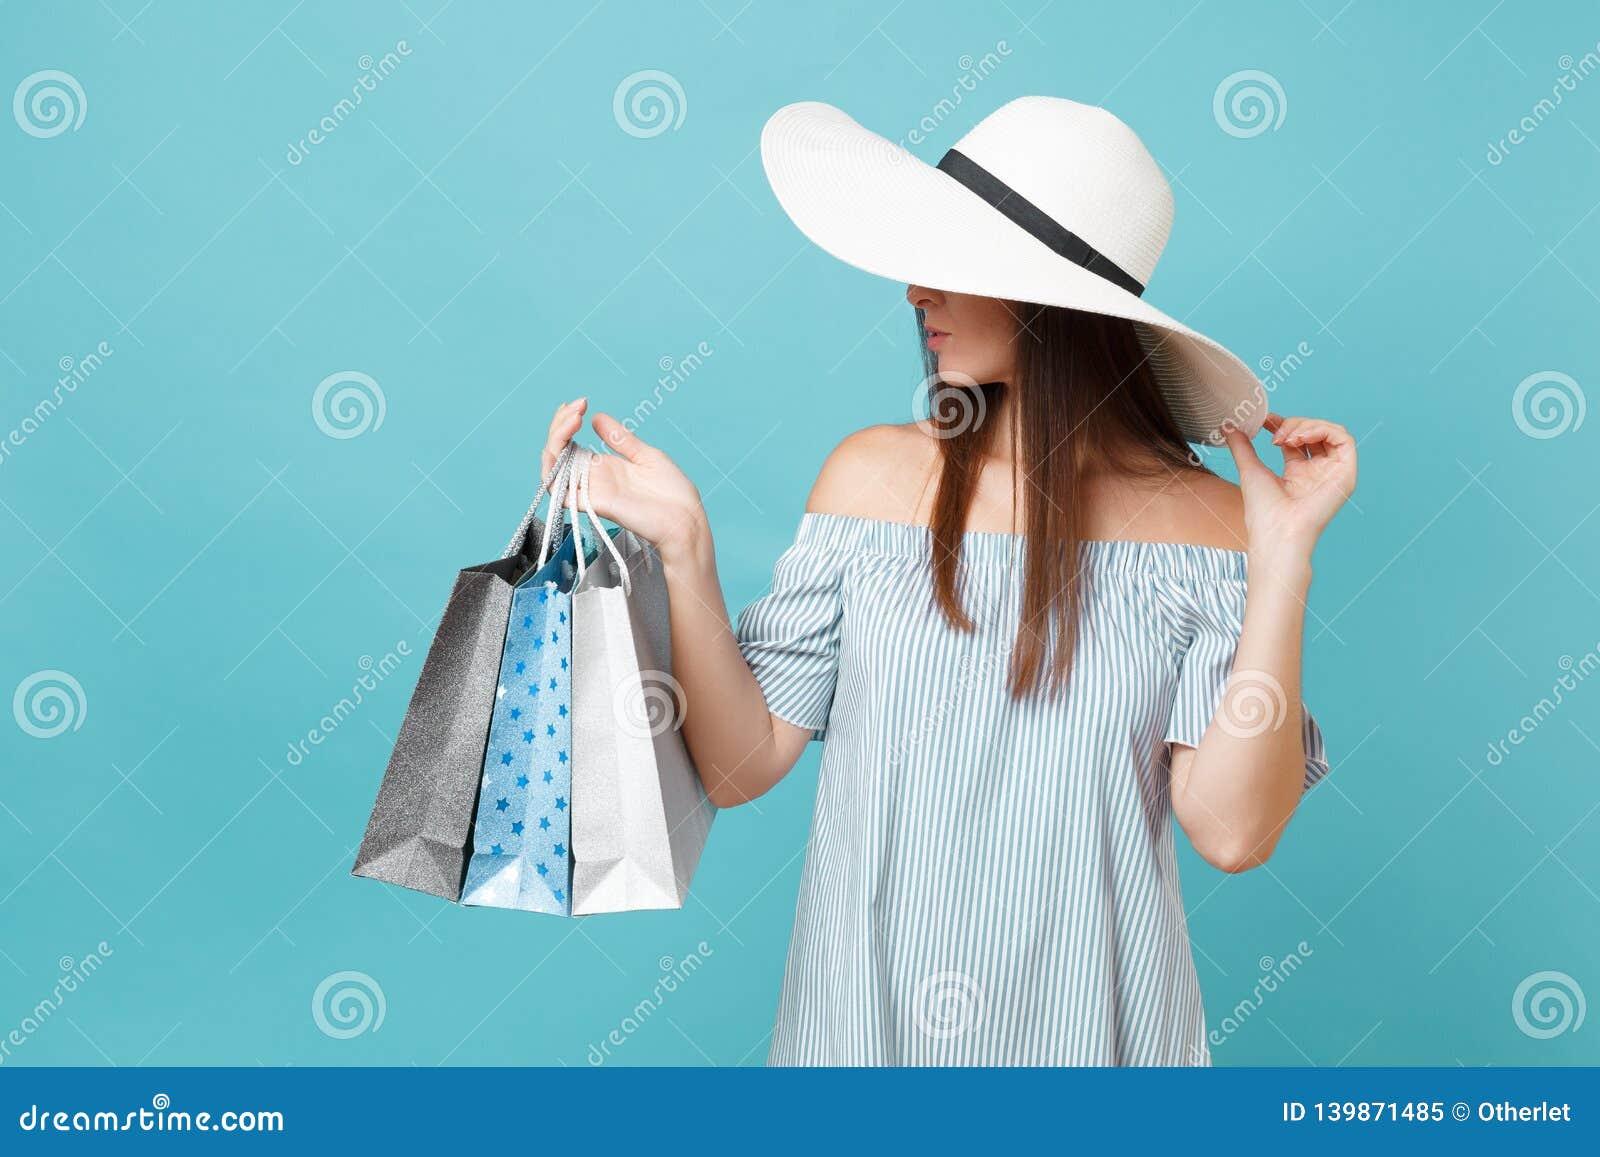 Женщина модной элегантной моды портрета красивая кавказская в платье лета, белое большое широкое наполняется до краев удерживание